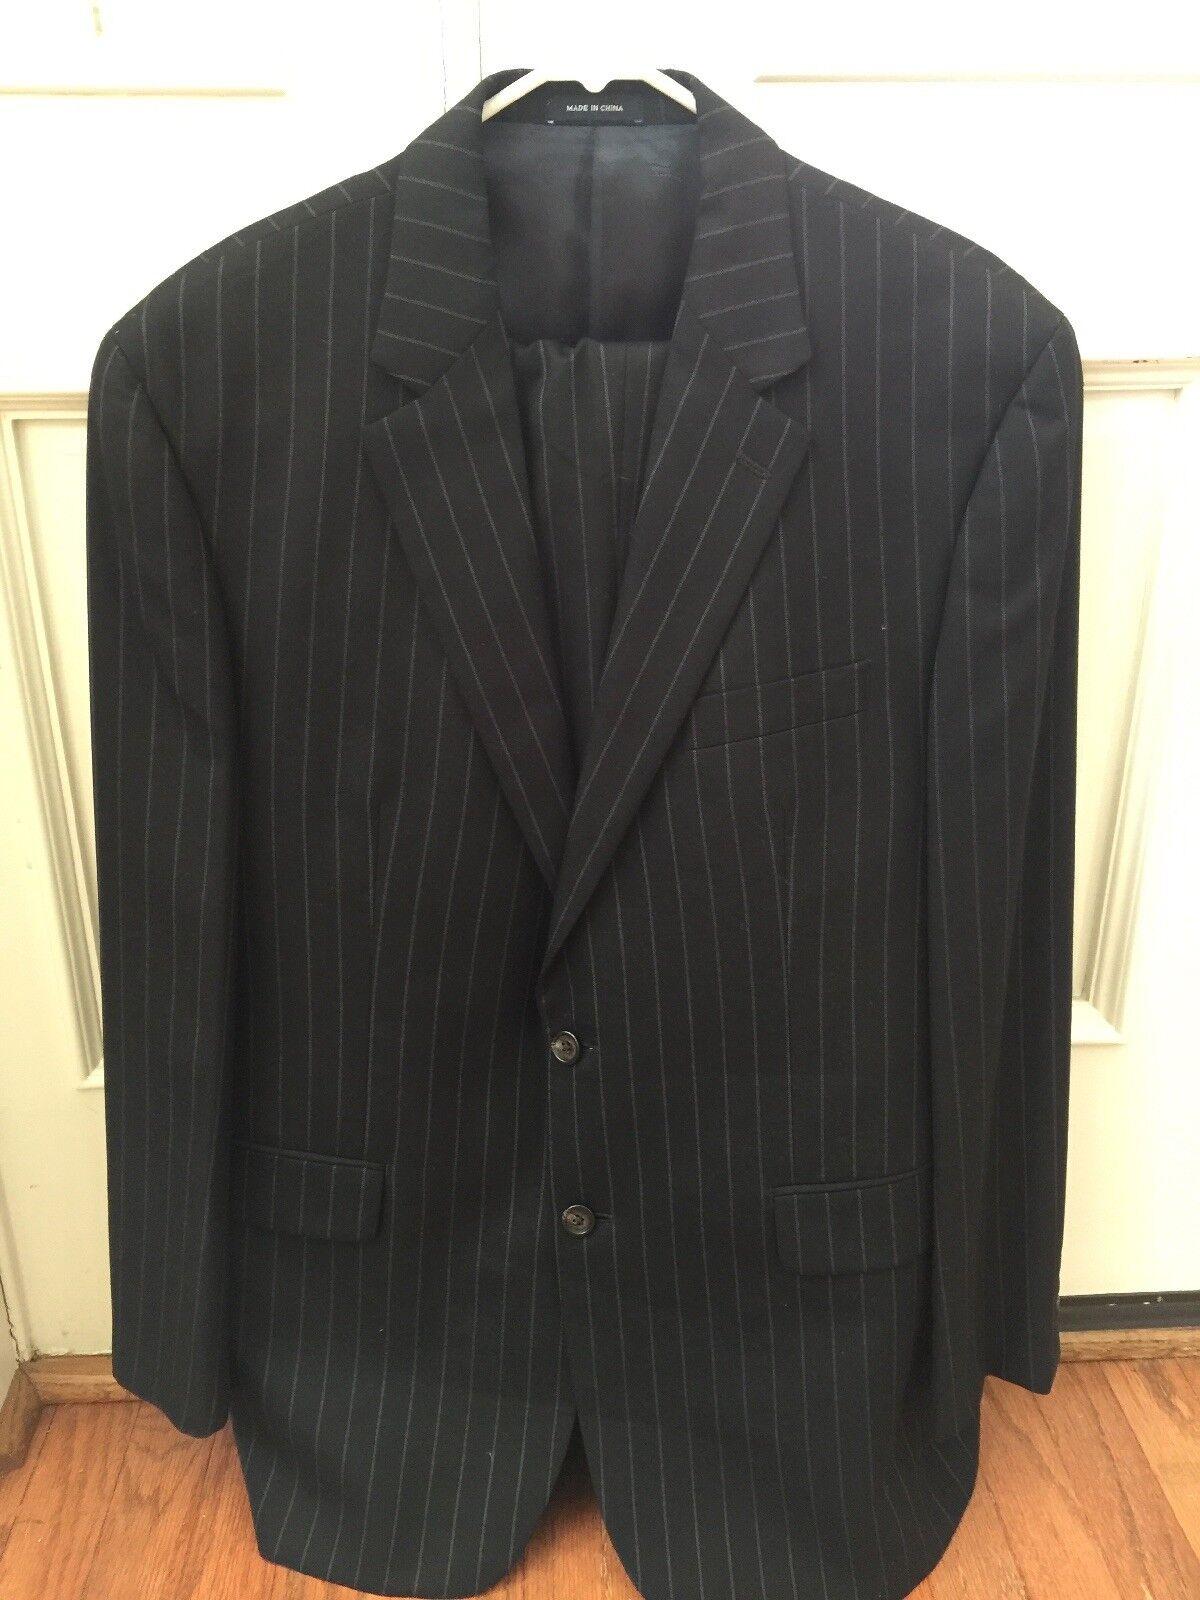 Ralph Lauren suit 44R 100% wool